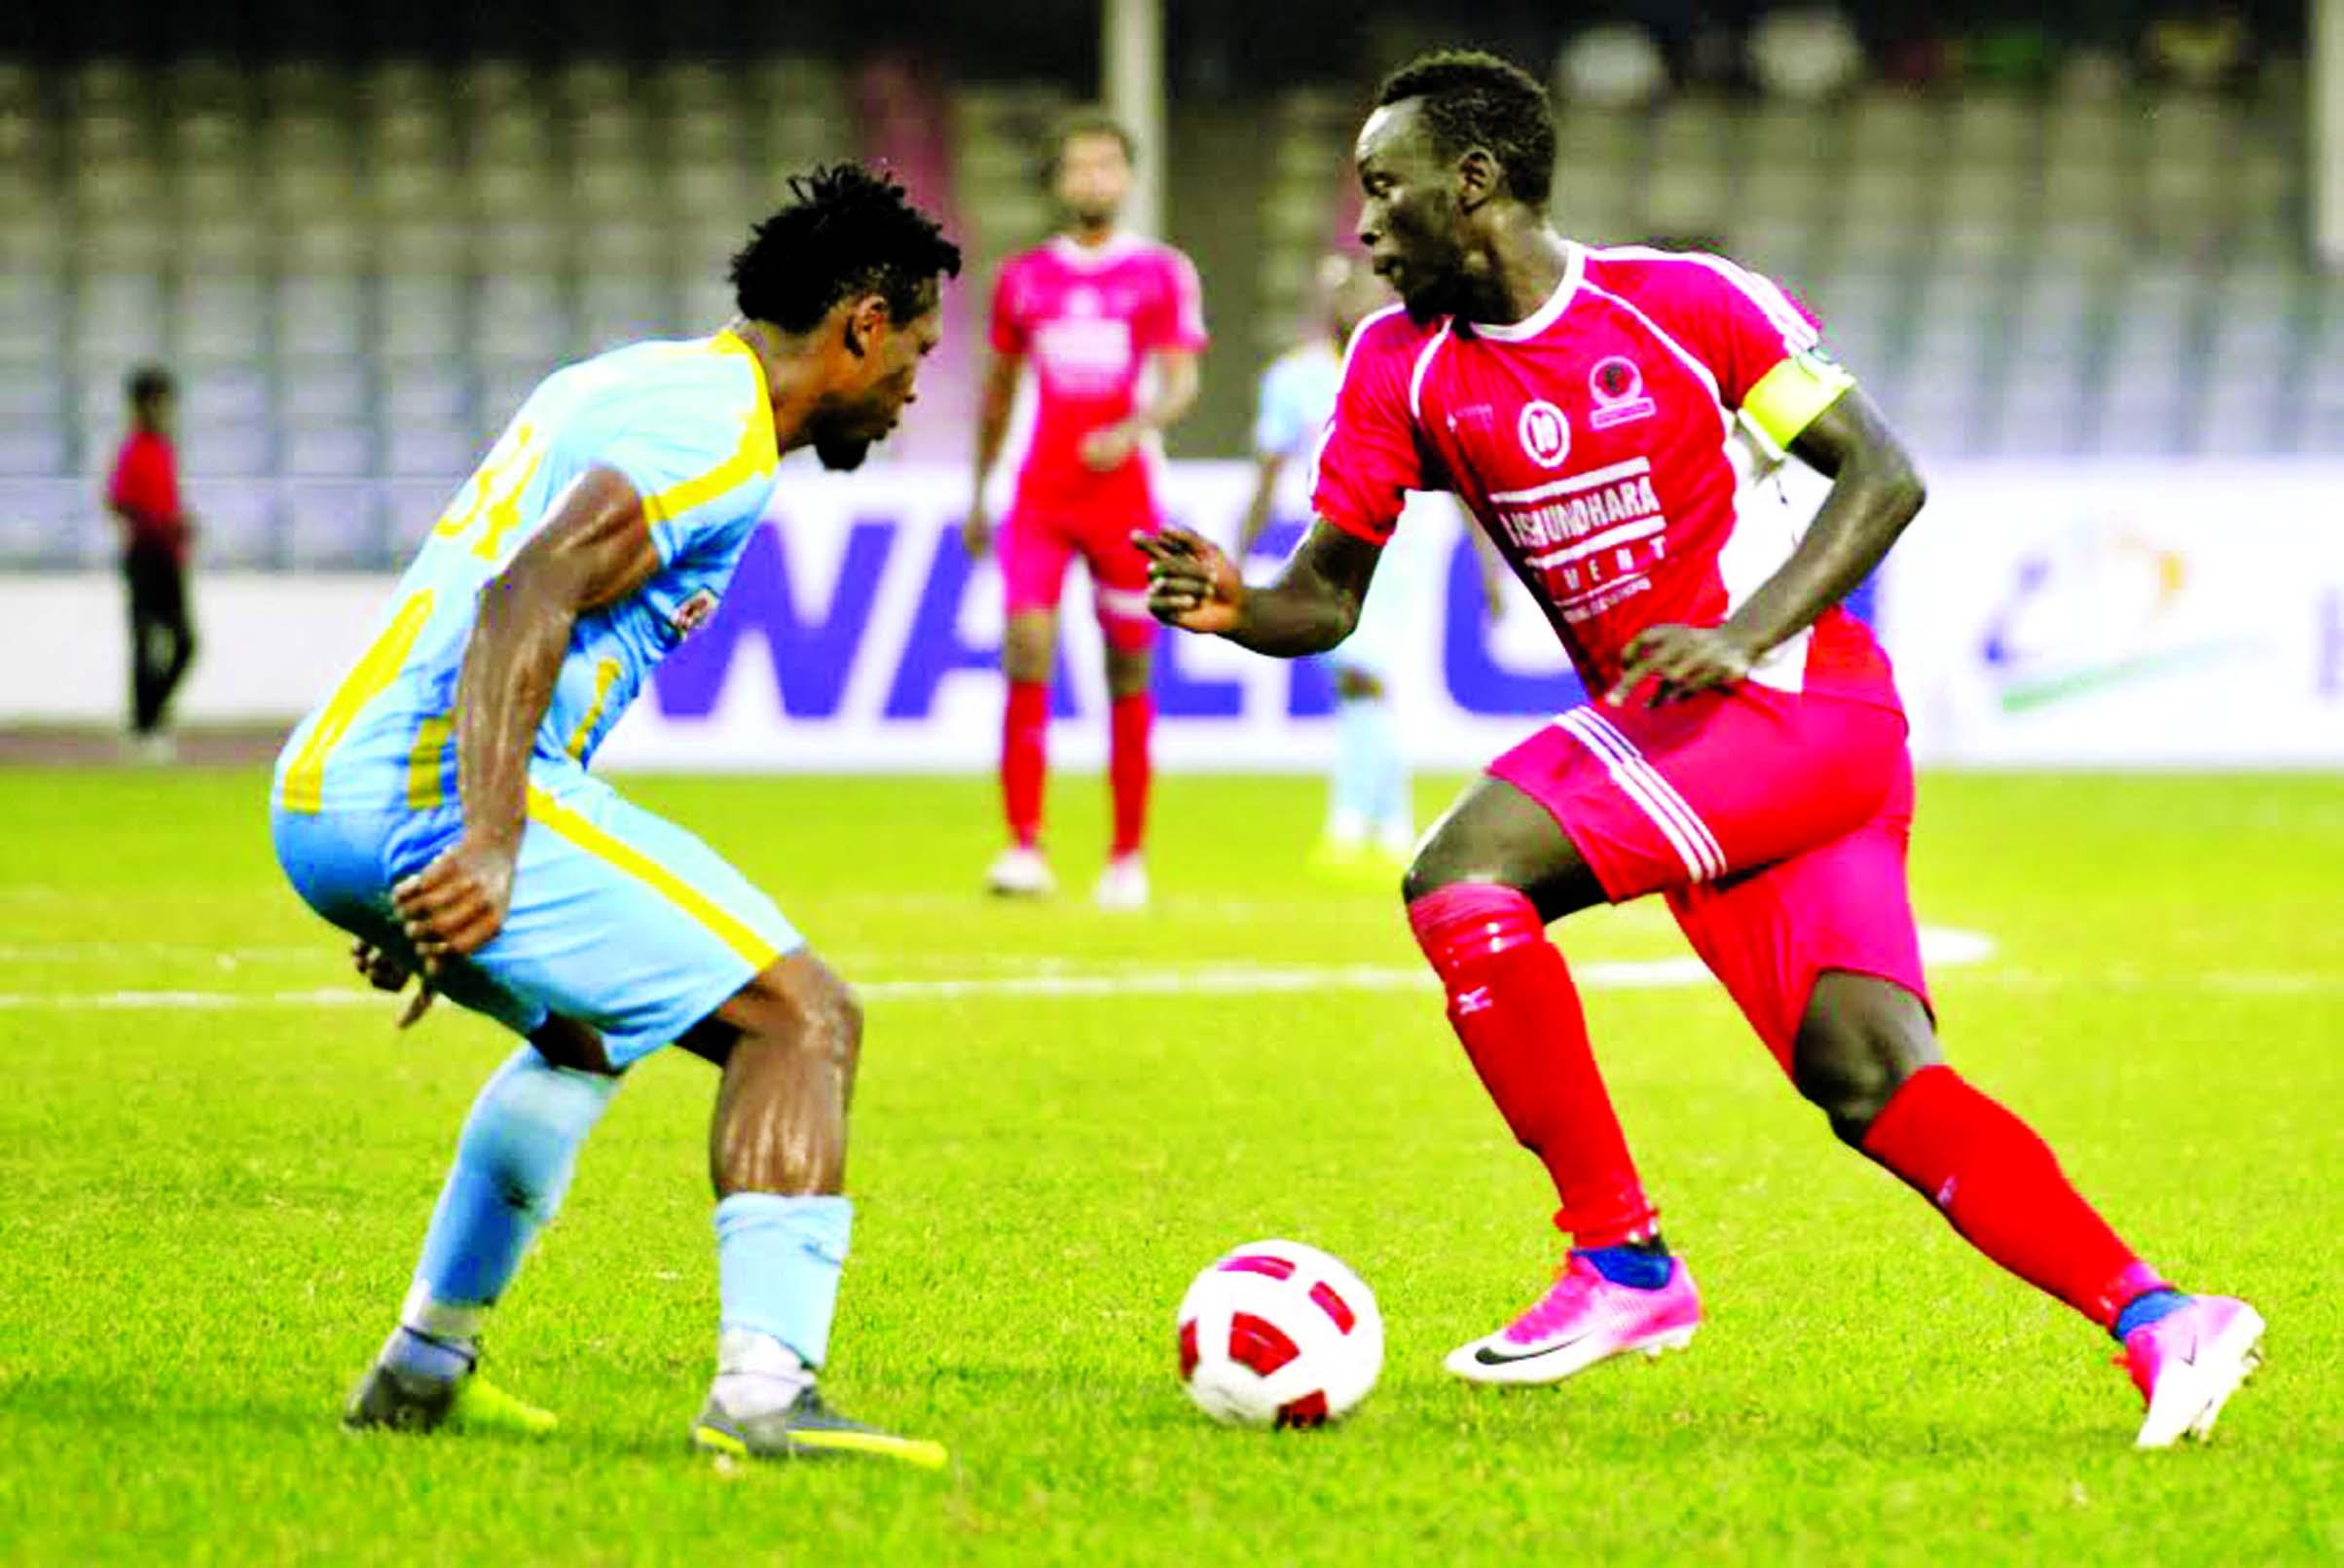 Ctg Abahani reach semifinal